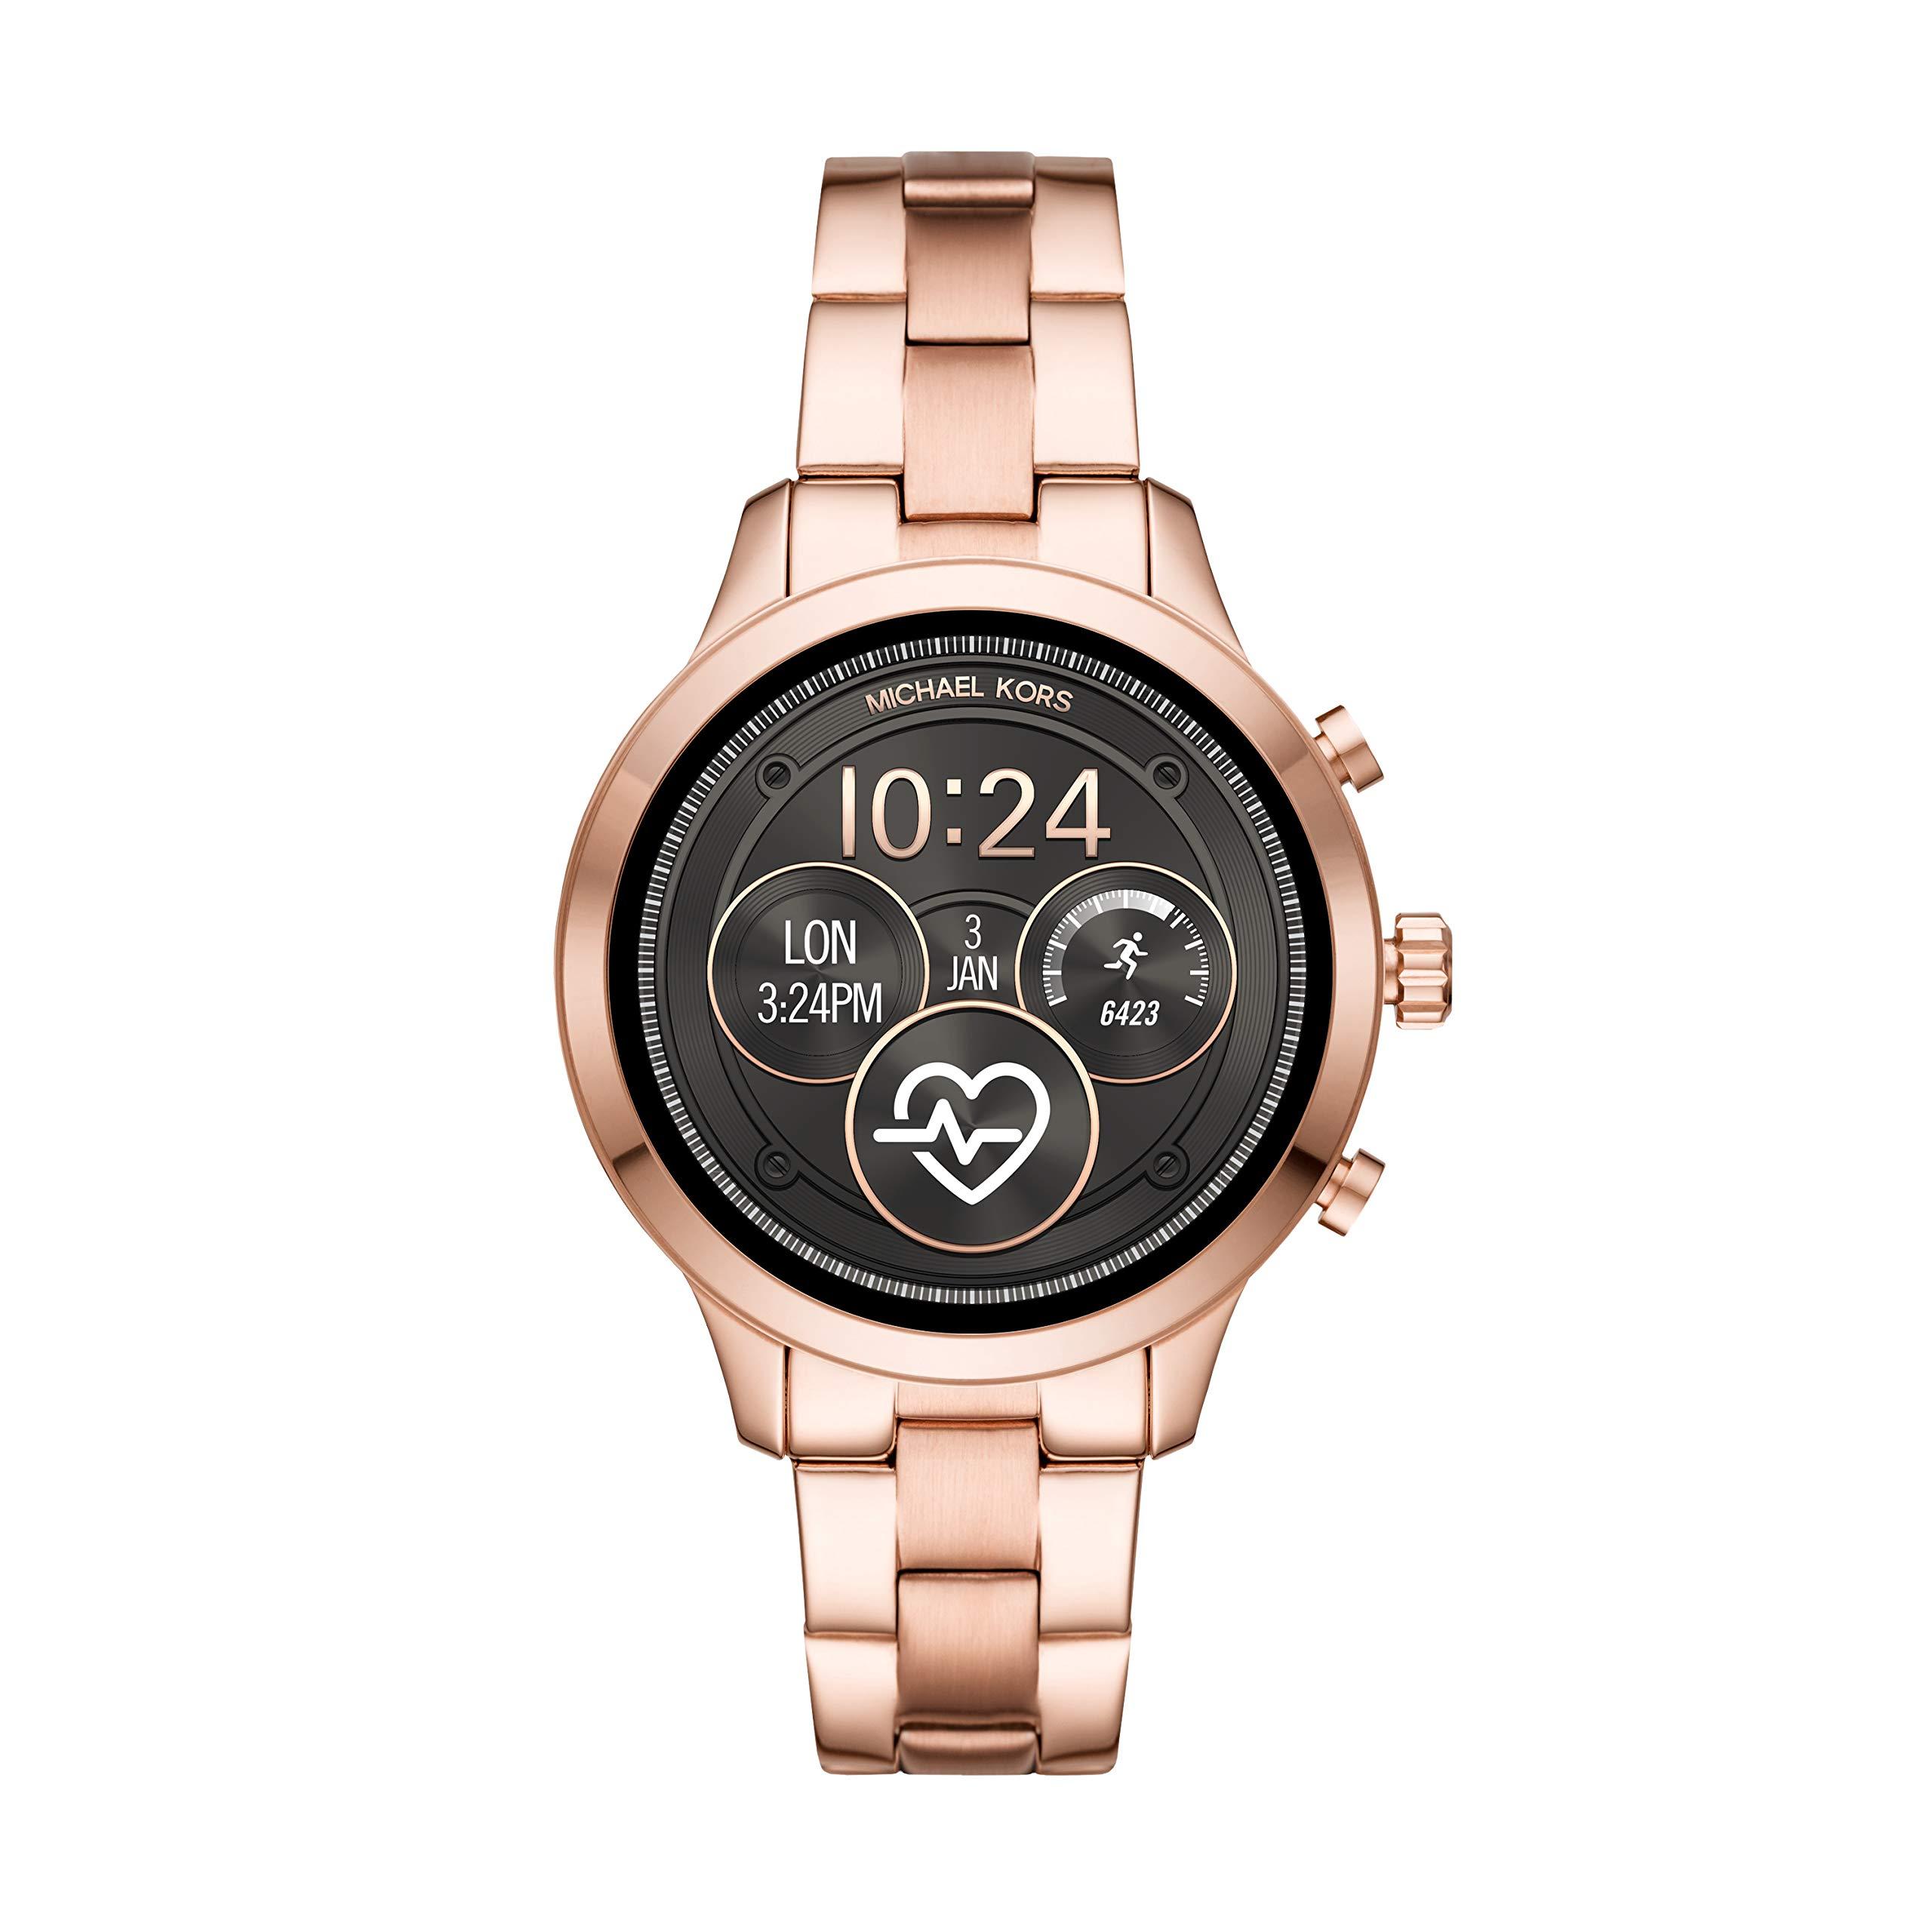 ecf8e299fb60 Michael Kors MKT5046 - Smartwatch - Mejores Precios